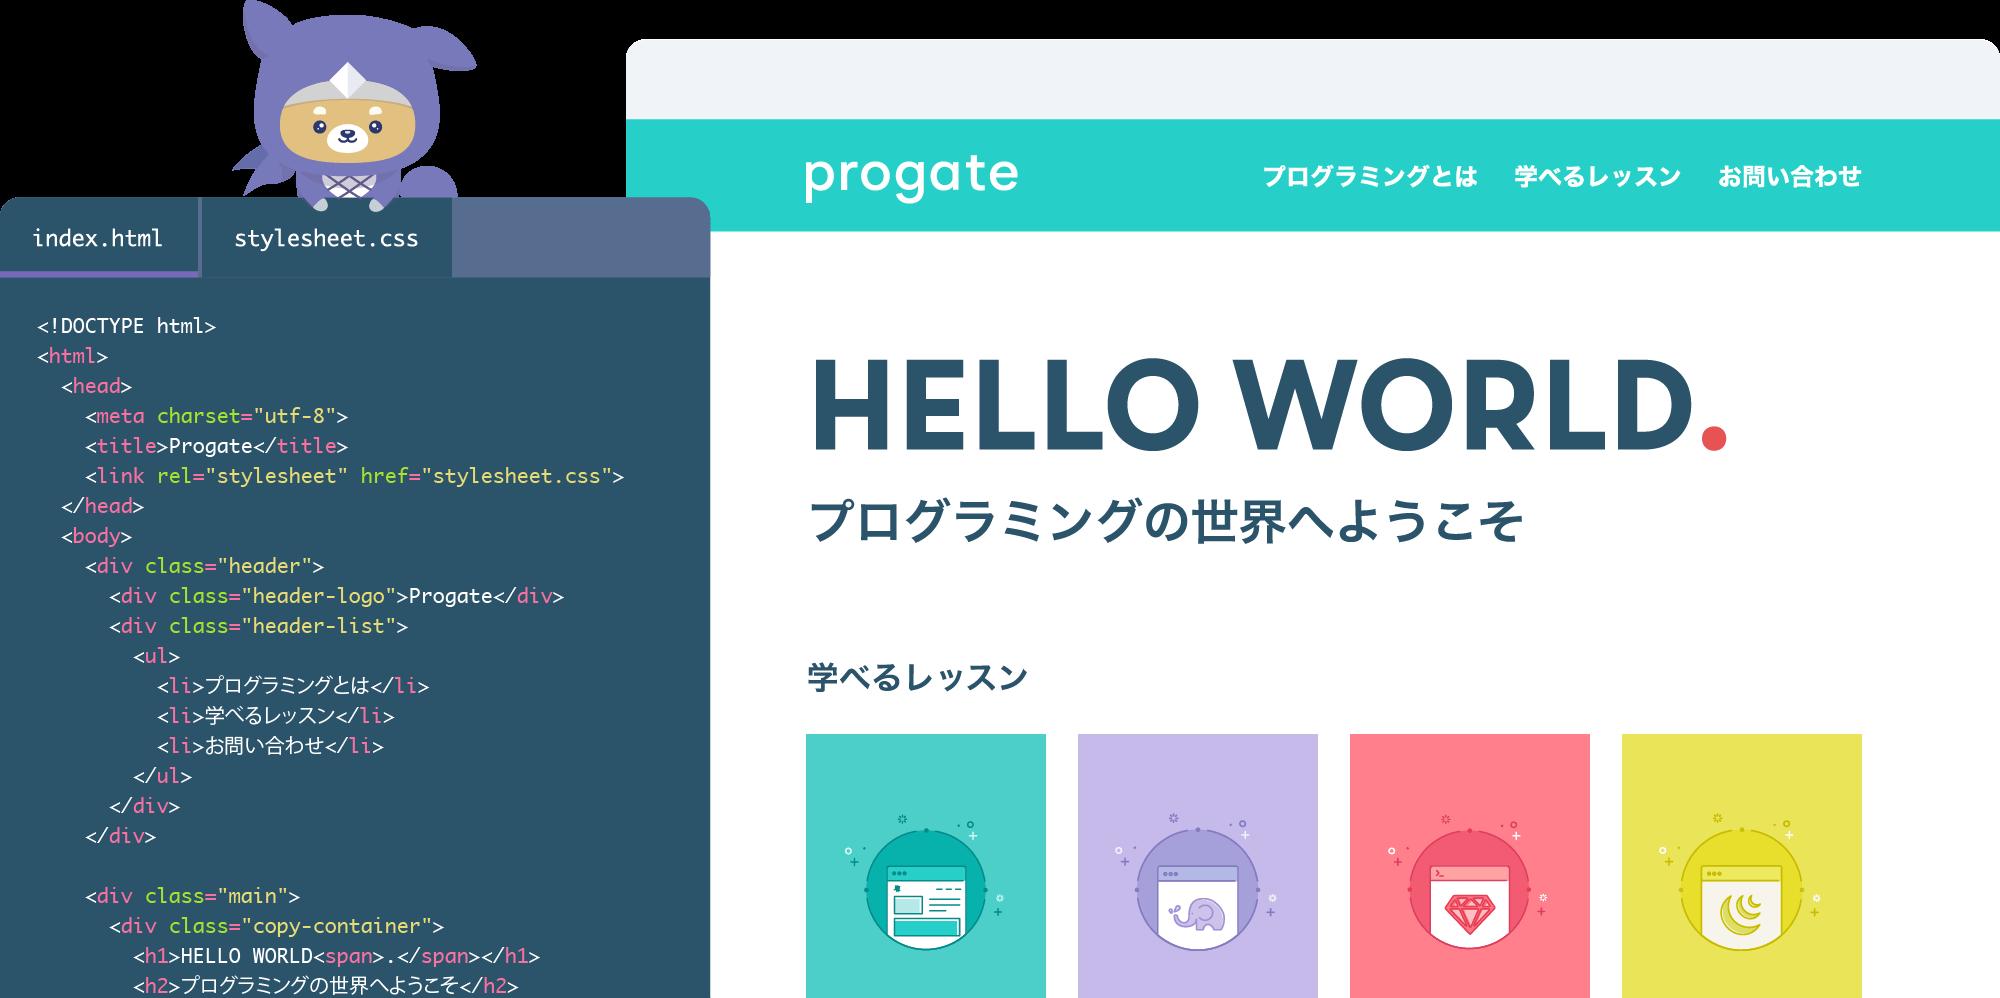 Progate   プログラミングの入門なら基礎から学べるProgate[プロゲート]